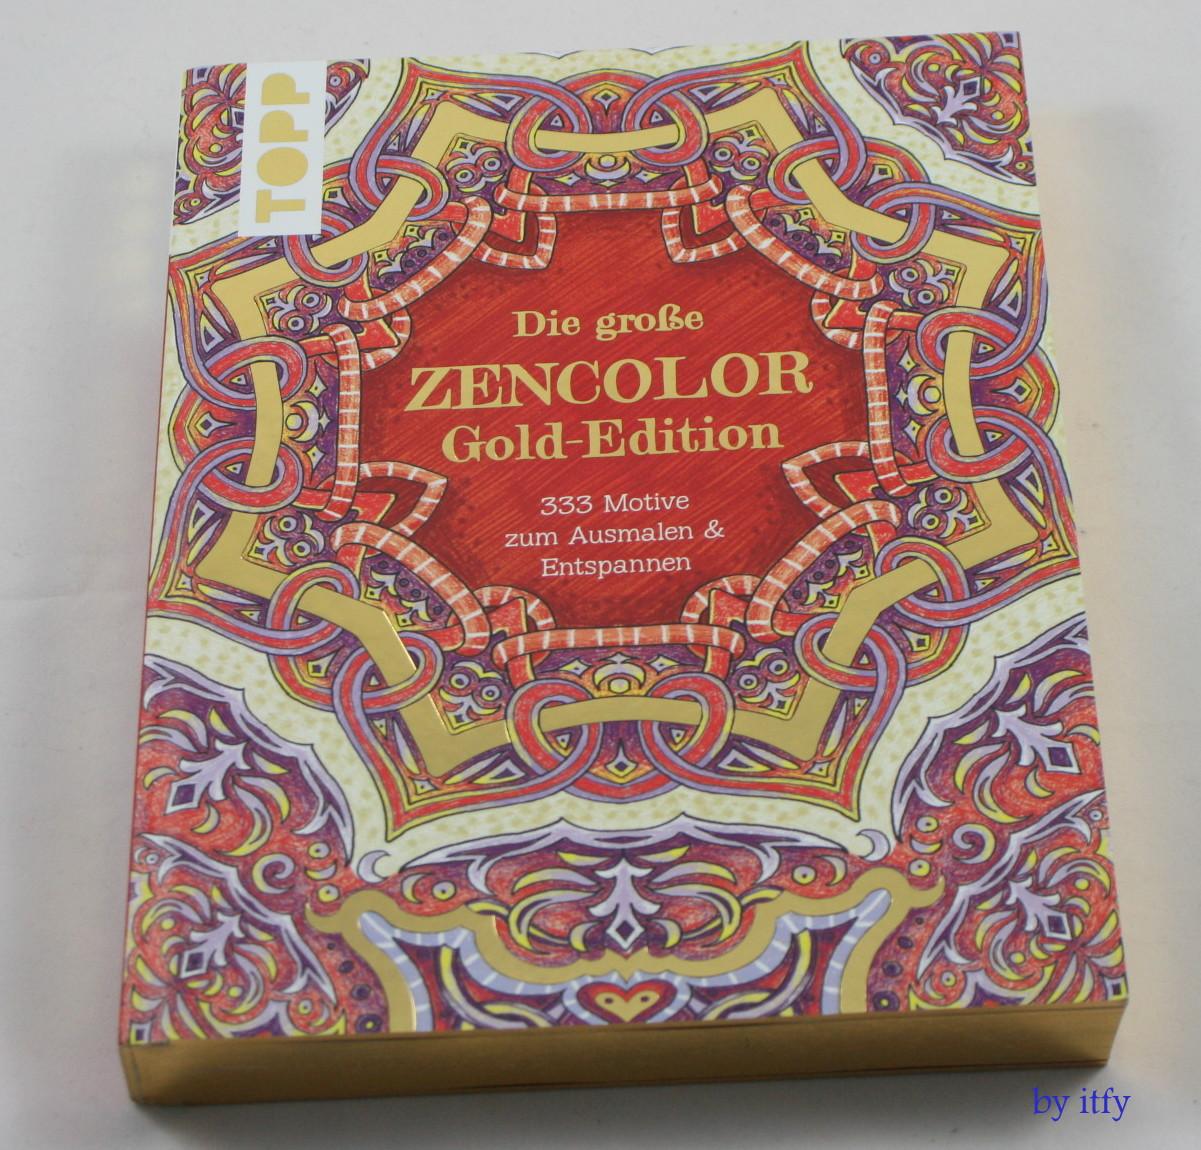 i test for you geschenke tipps zencolor malbuch von topp ausmalspass f r die gro en. Black Bedroom Furniture Sets. Home Design Ideas